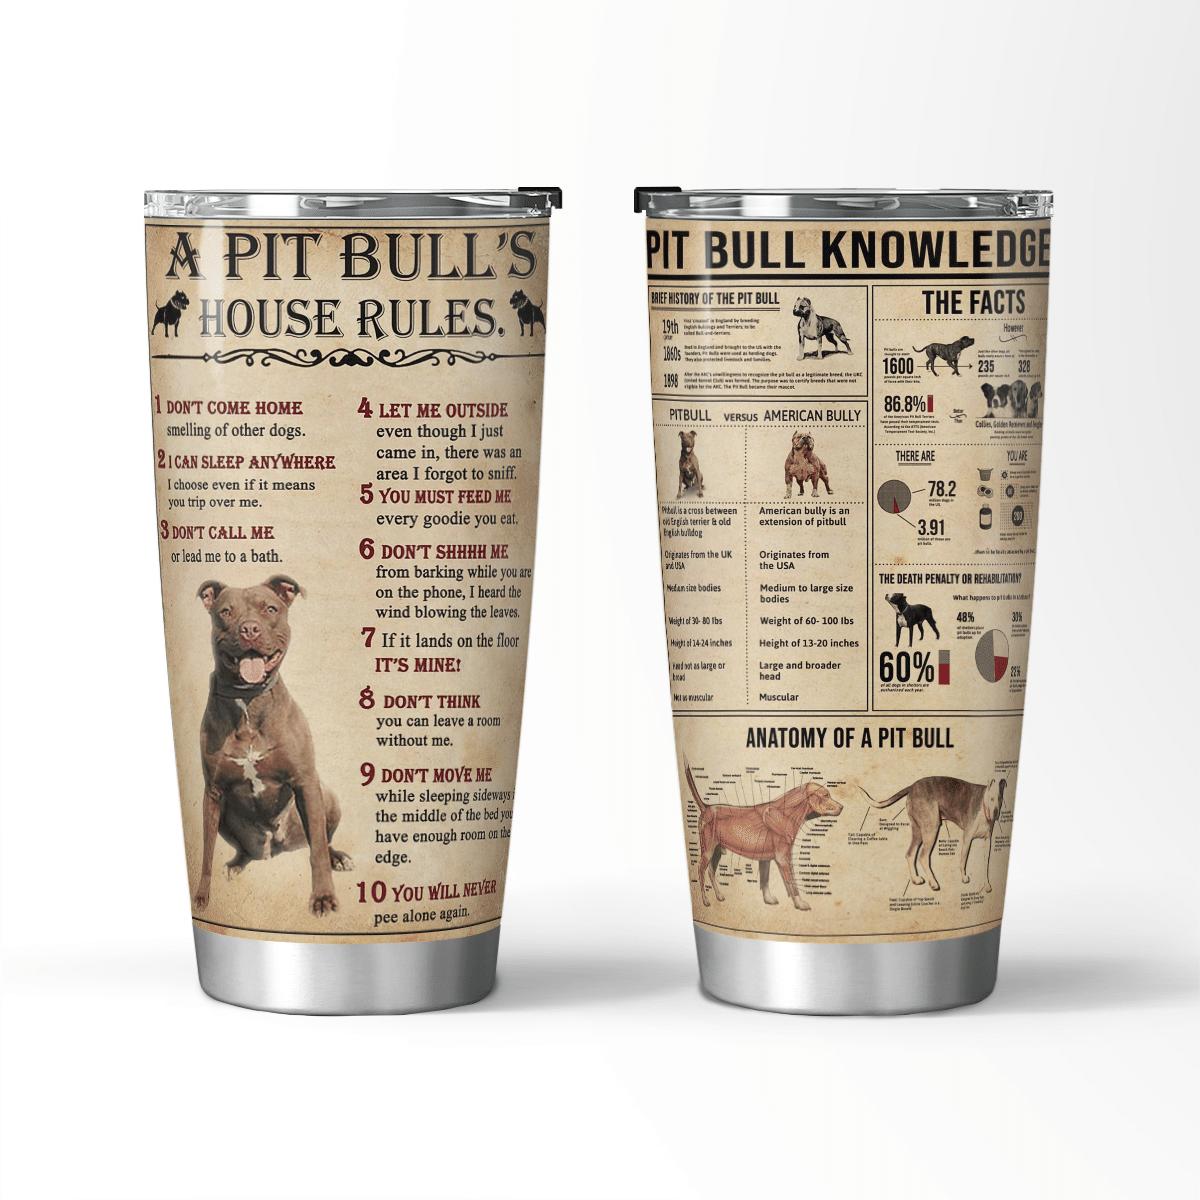 Pitbulls House Rules Pitbull Knowledge farmer love tumbler cup